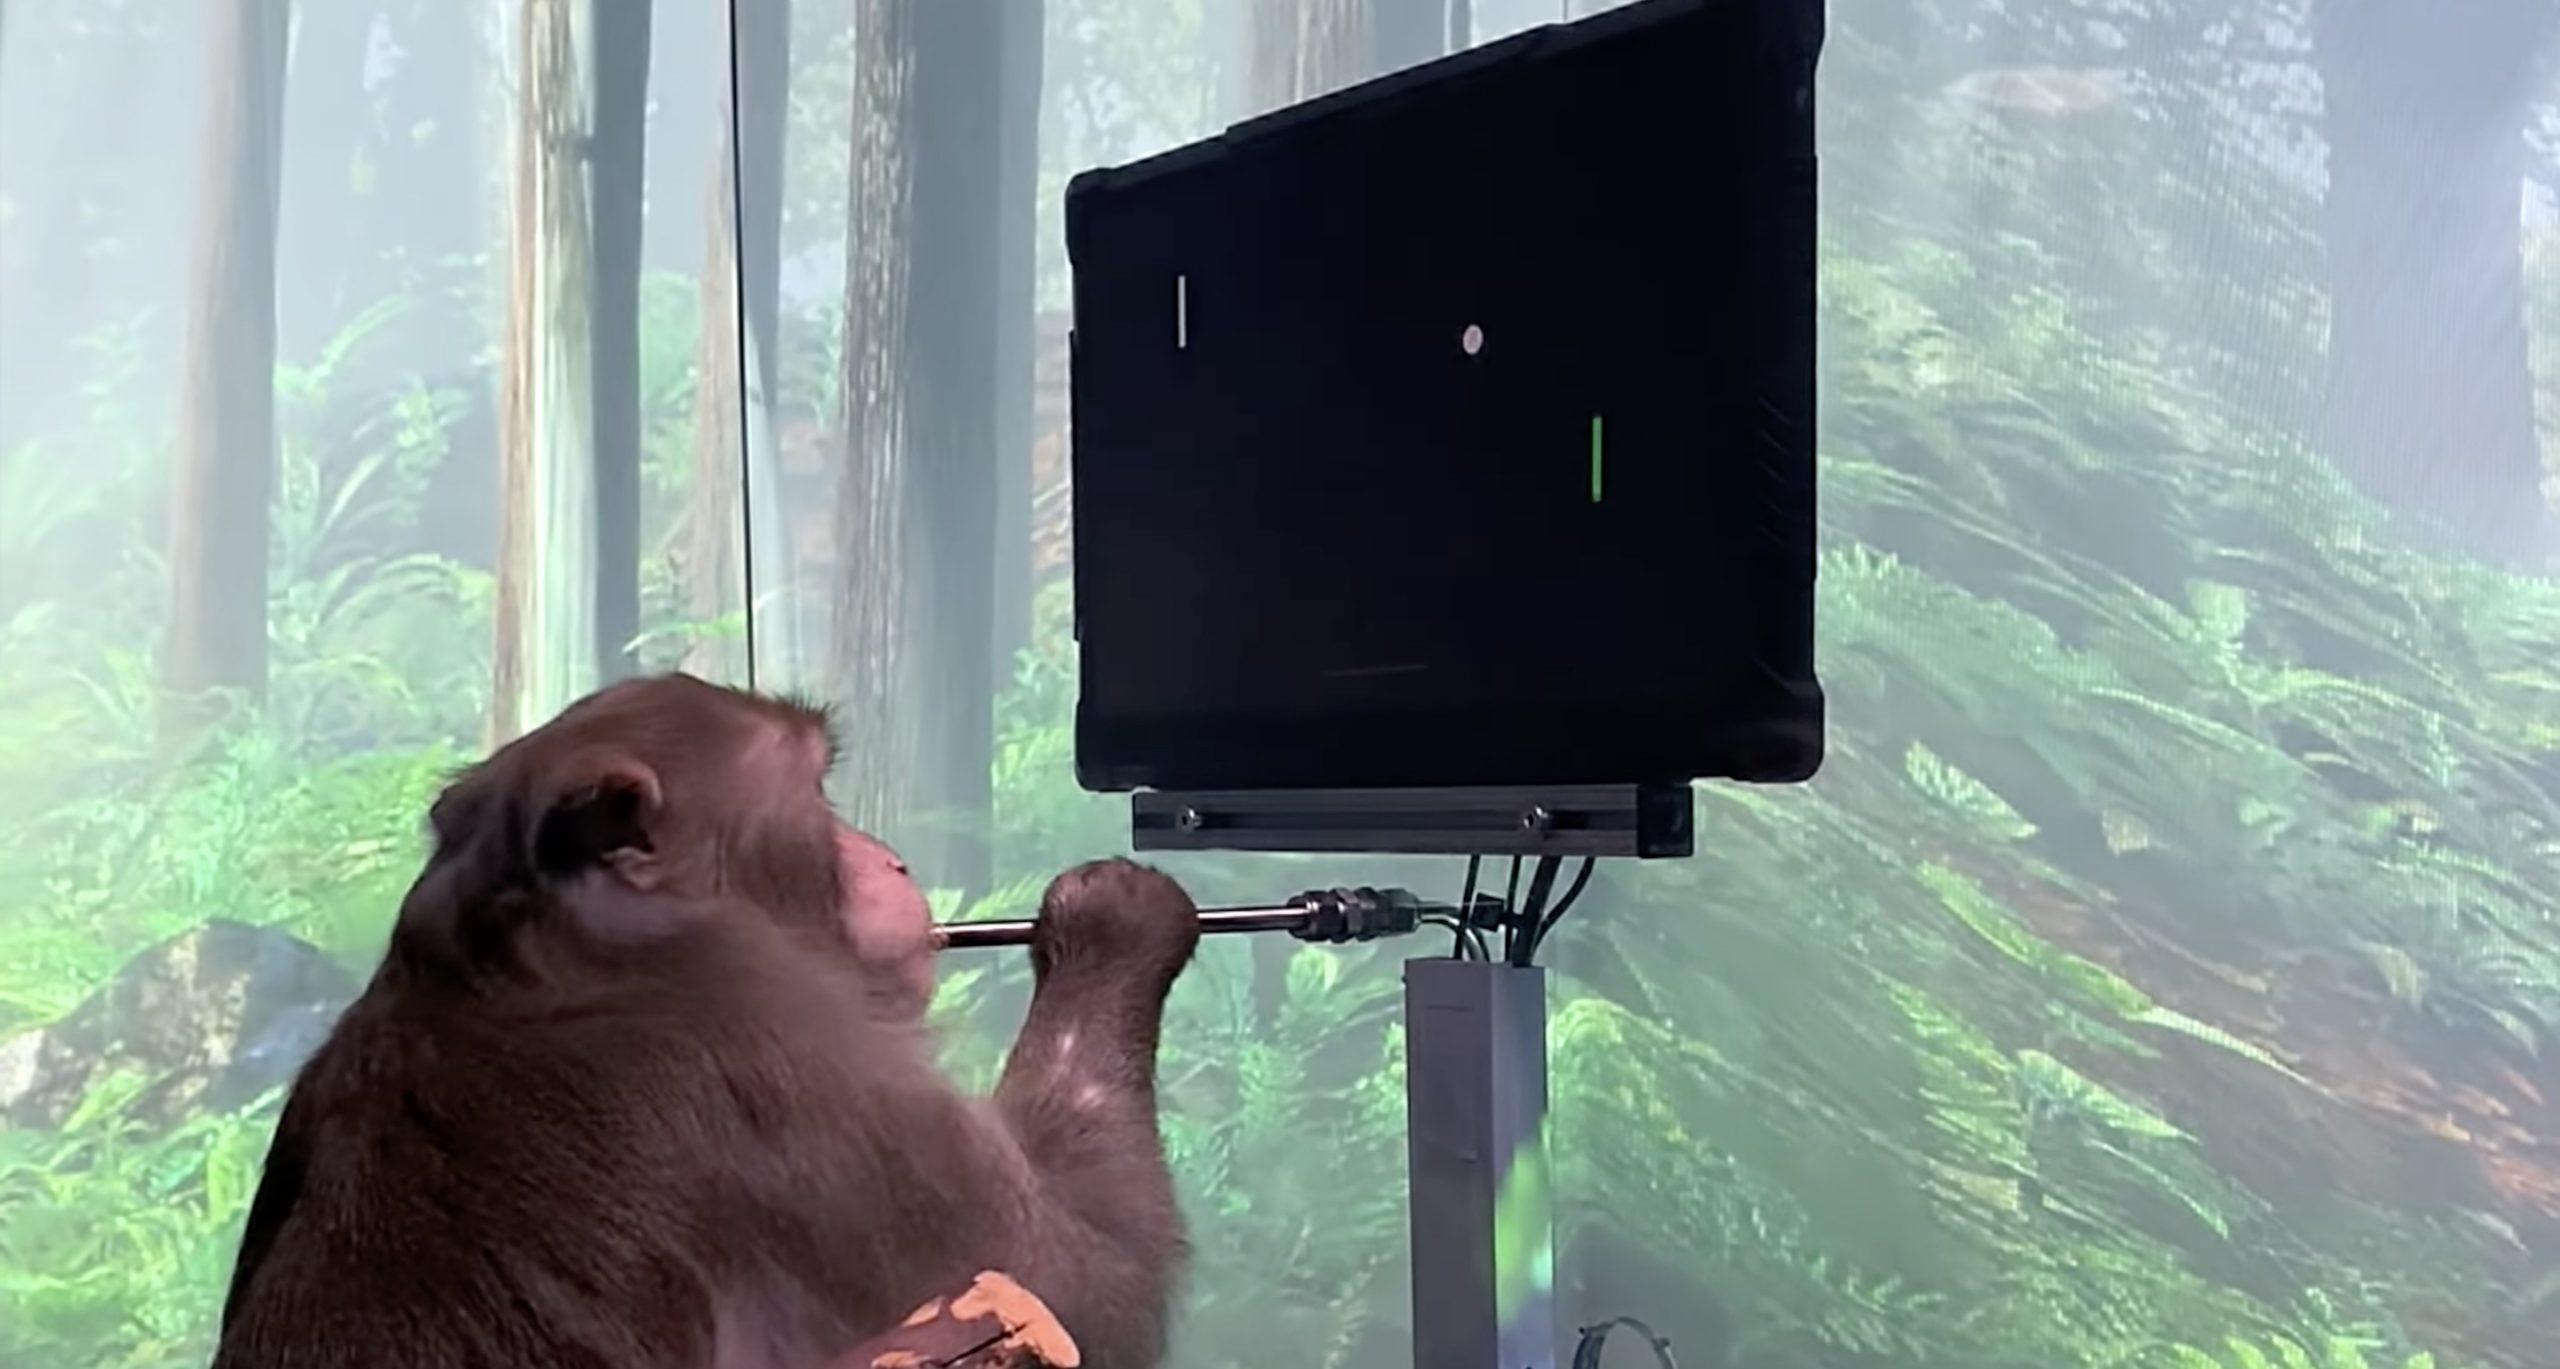 Neuralink pērtiķis spēlē datorspēles